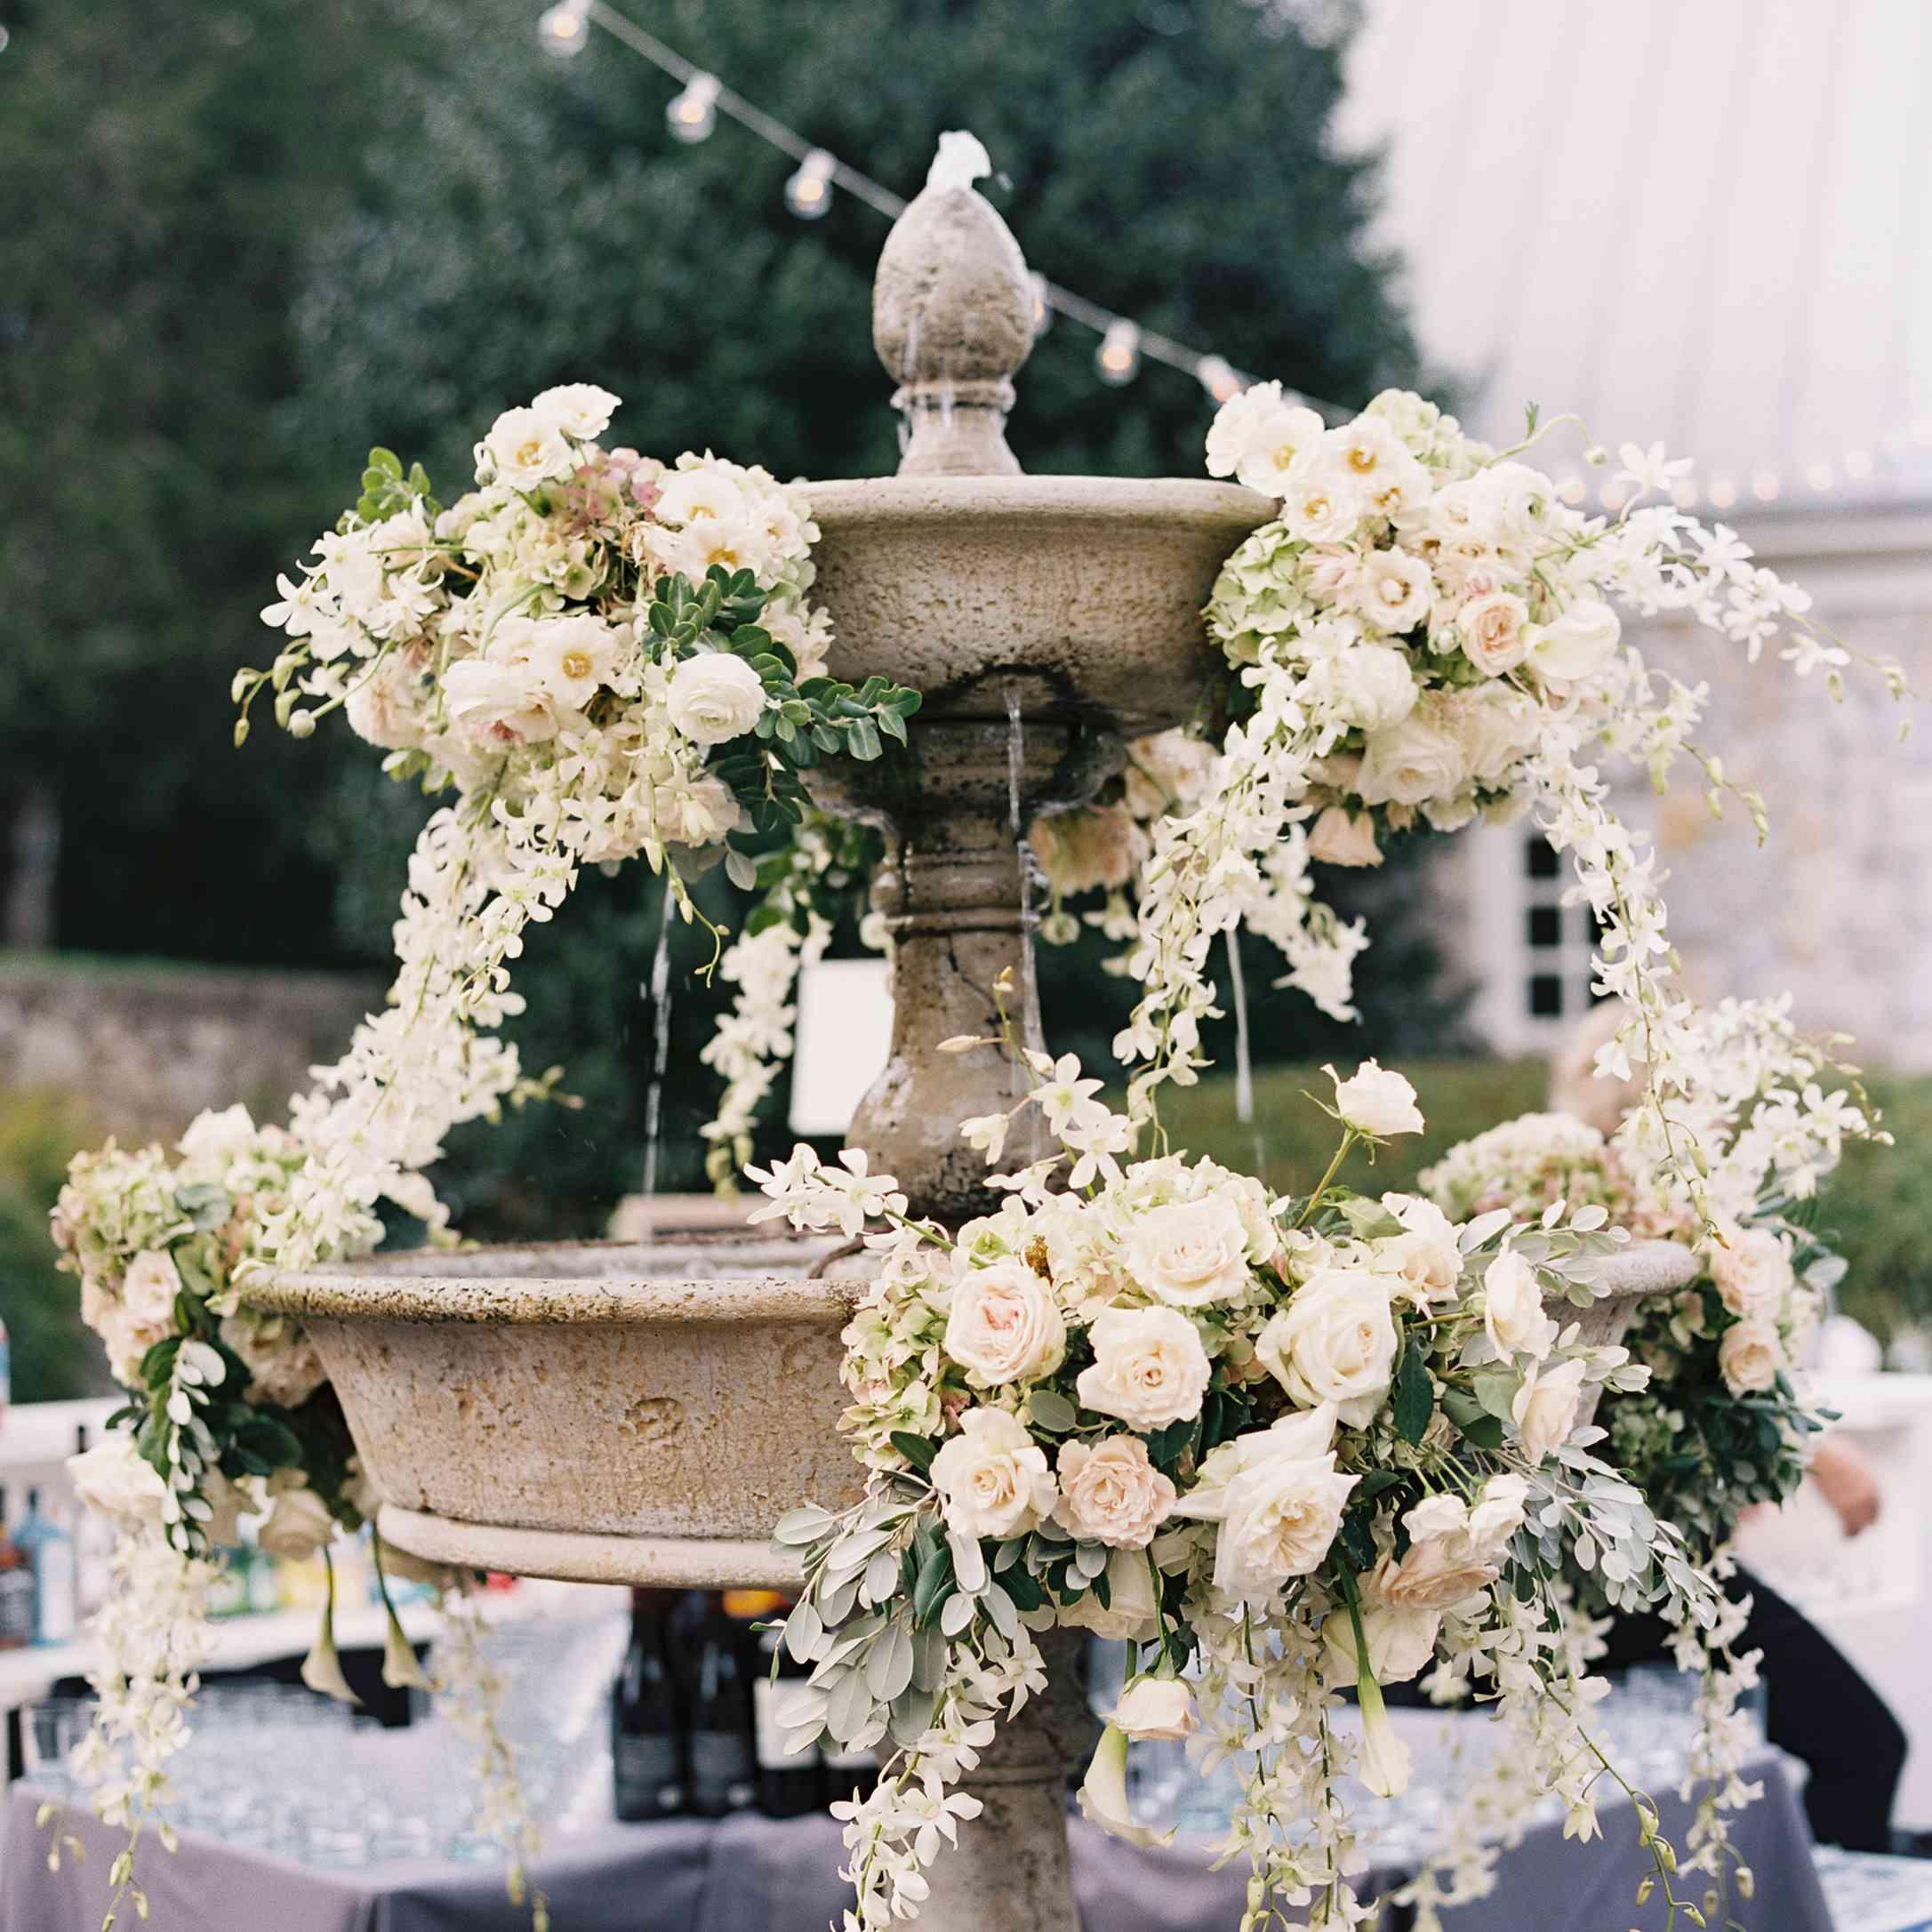 <p>Floral arrangements on fountains</p><br><br>